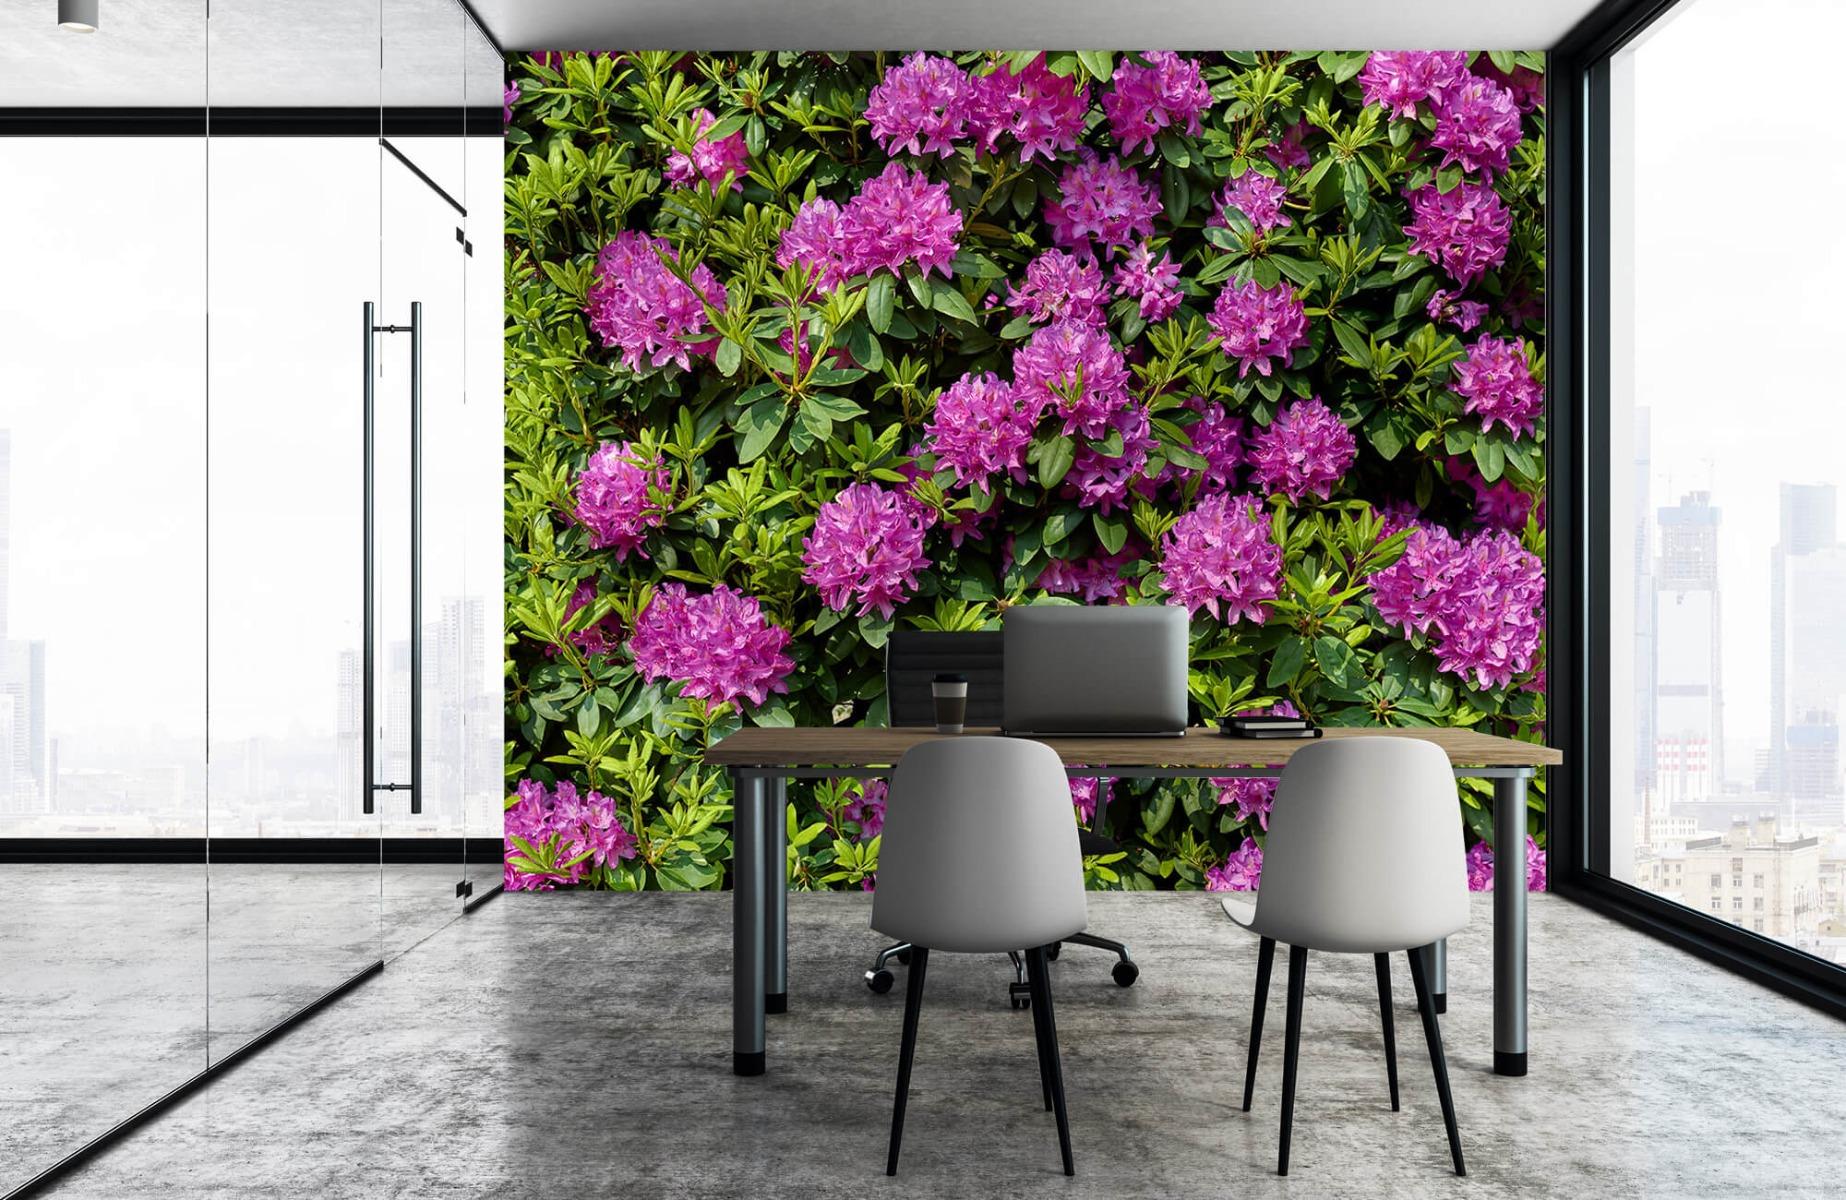 Bloemenvelden - Rododendrons - Wallexclusive - Slaapkamer 3